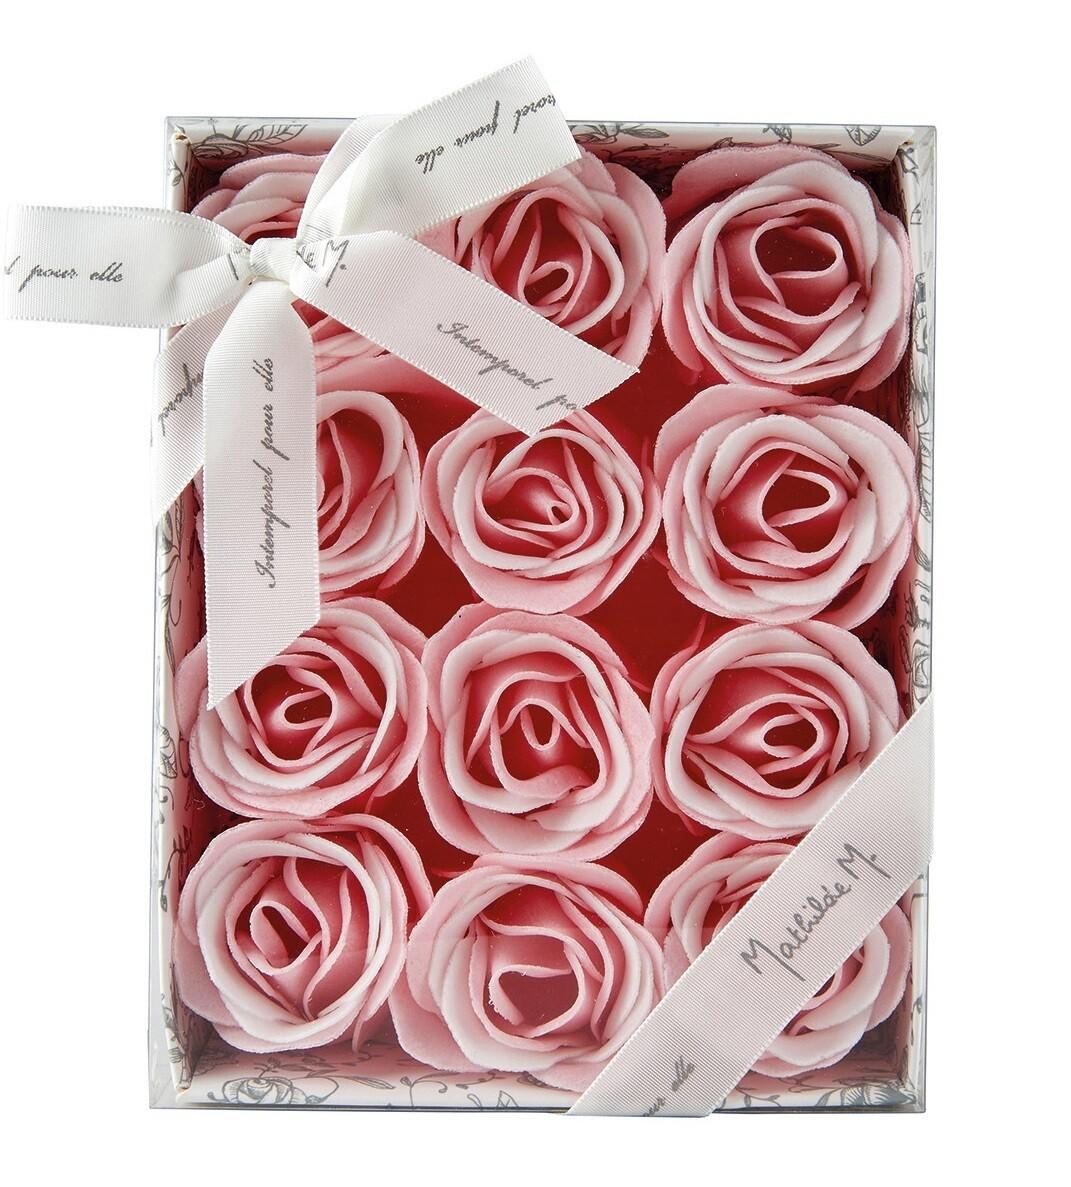 Coffret de 12 Roses en feuilles de savon (parfum rose)